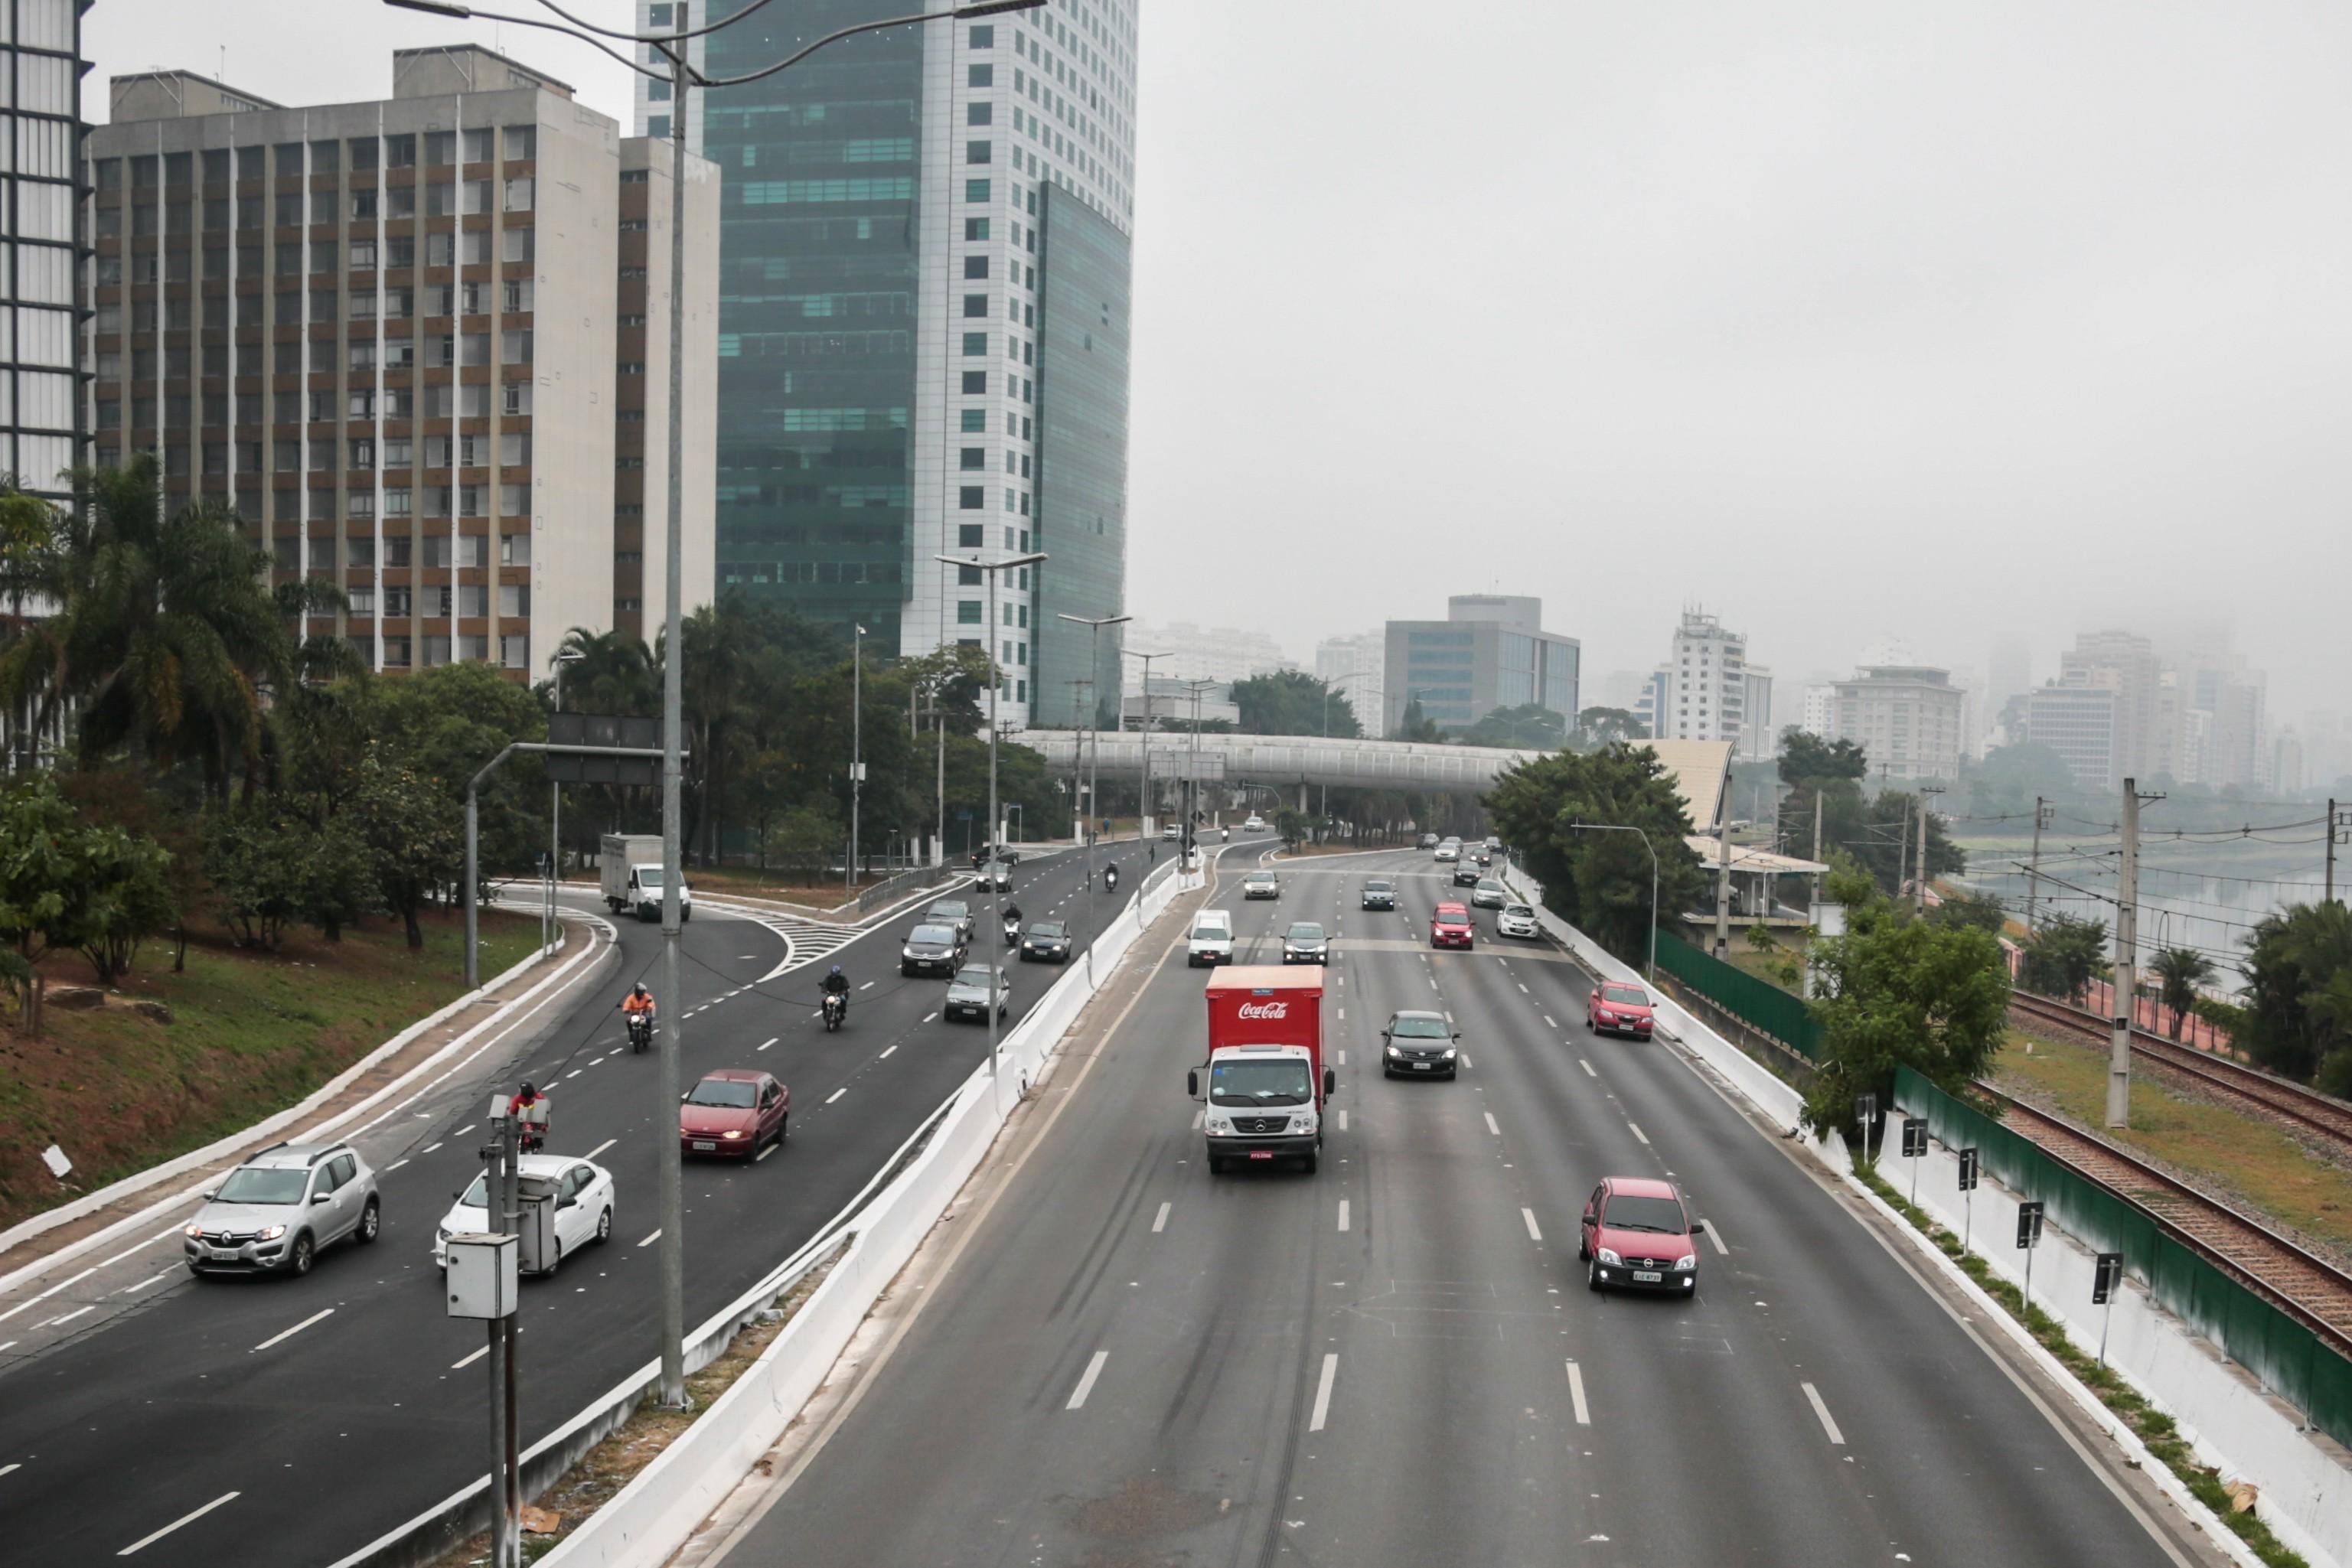 SP registra 3 km de trânsito após retomada do rodízio tradicional na cidade